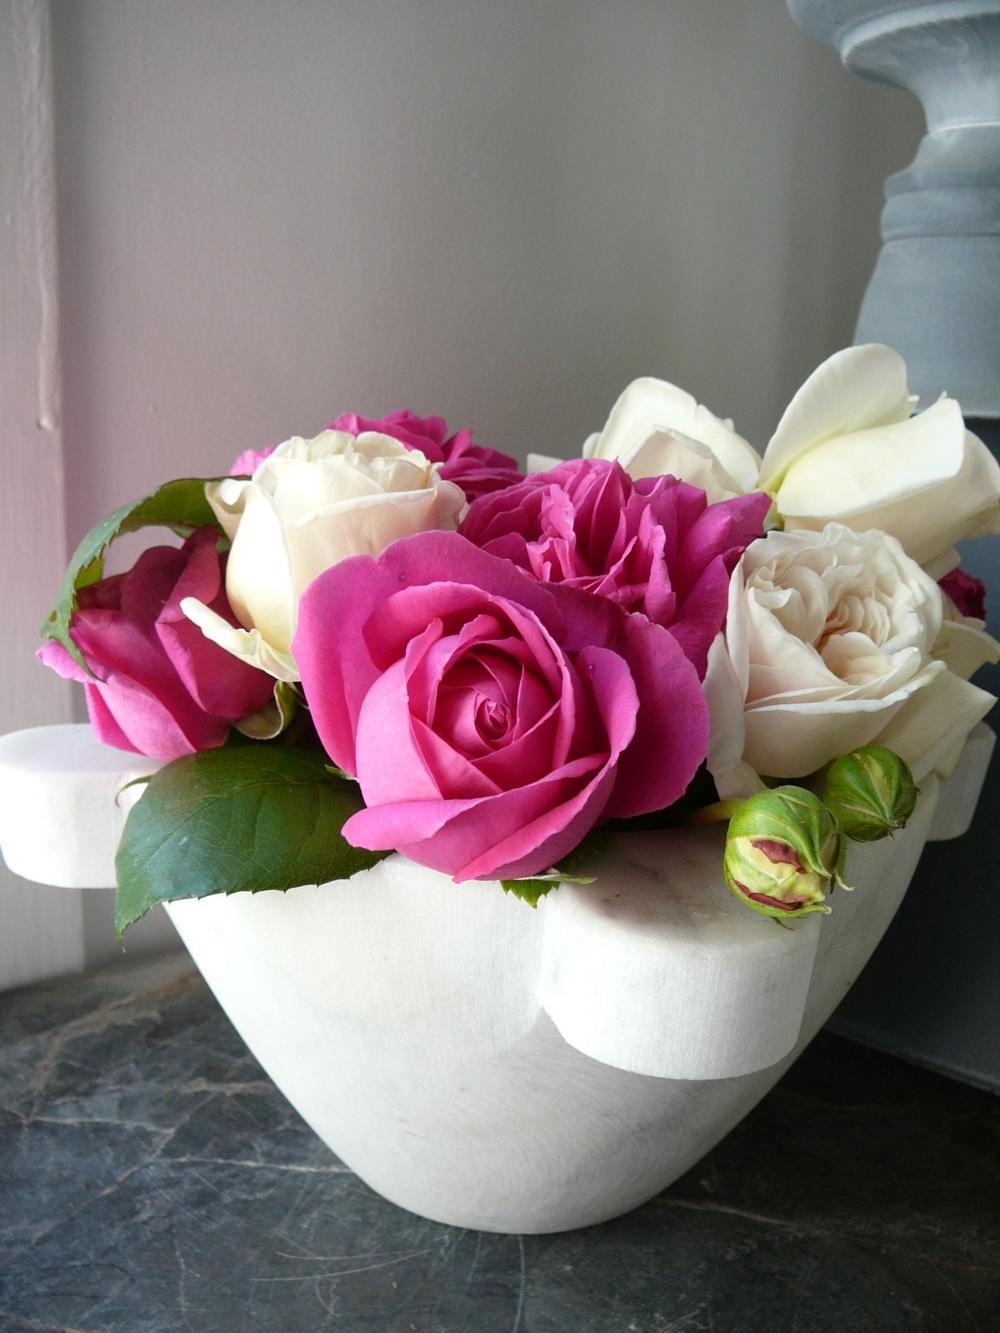 French Garden roses